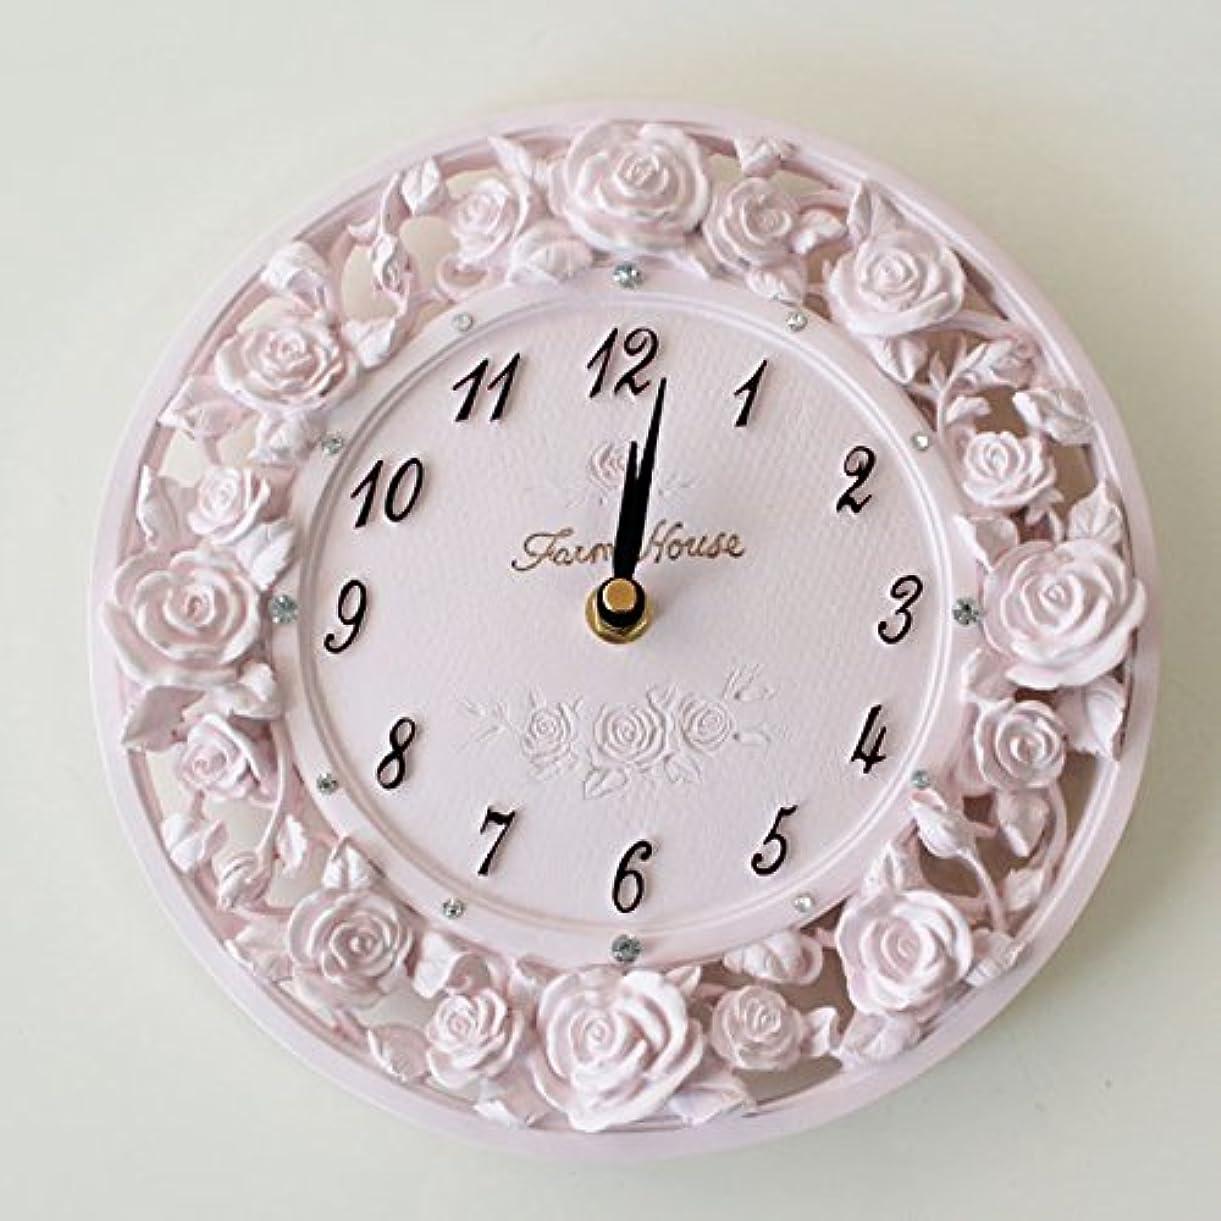 不利益小包亡命掛け時計 ローズレリーフ ピンク かわいい 姫系 ローズ 掛け時計 薔薇の掛時計